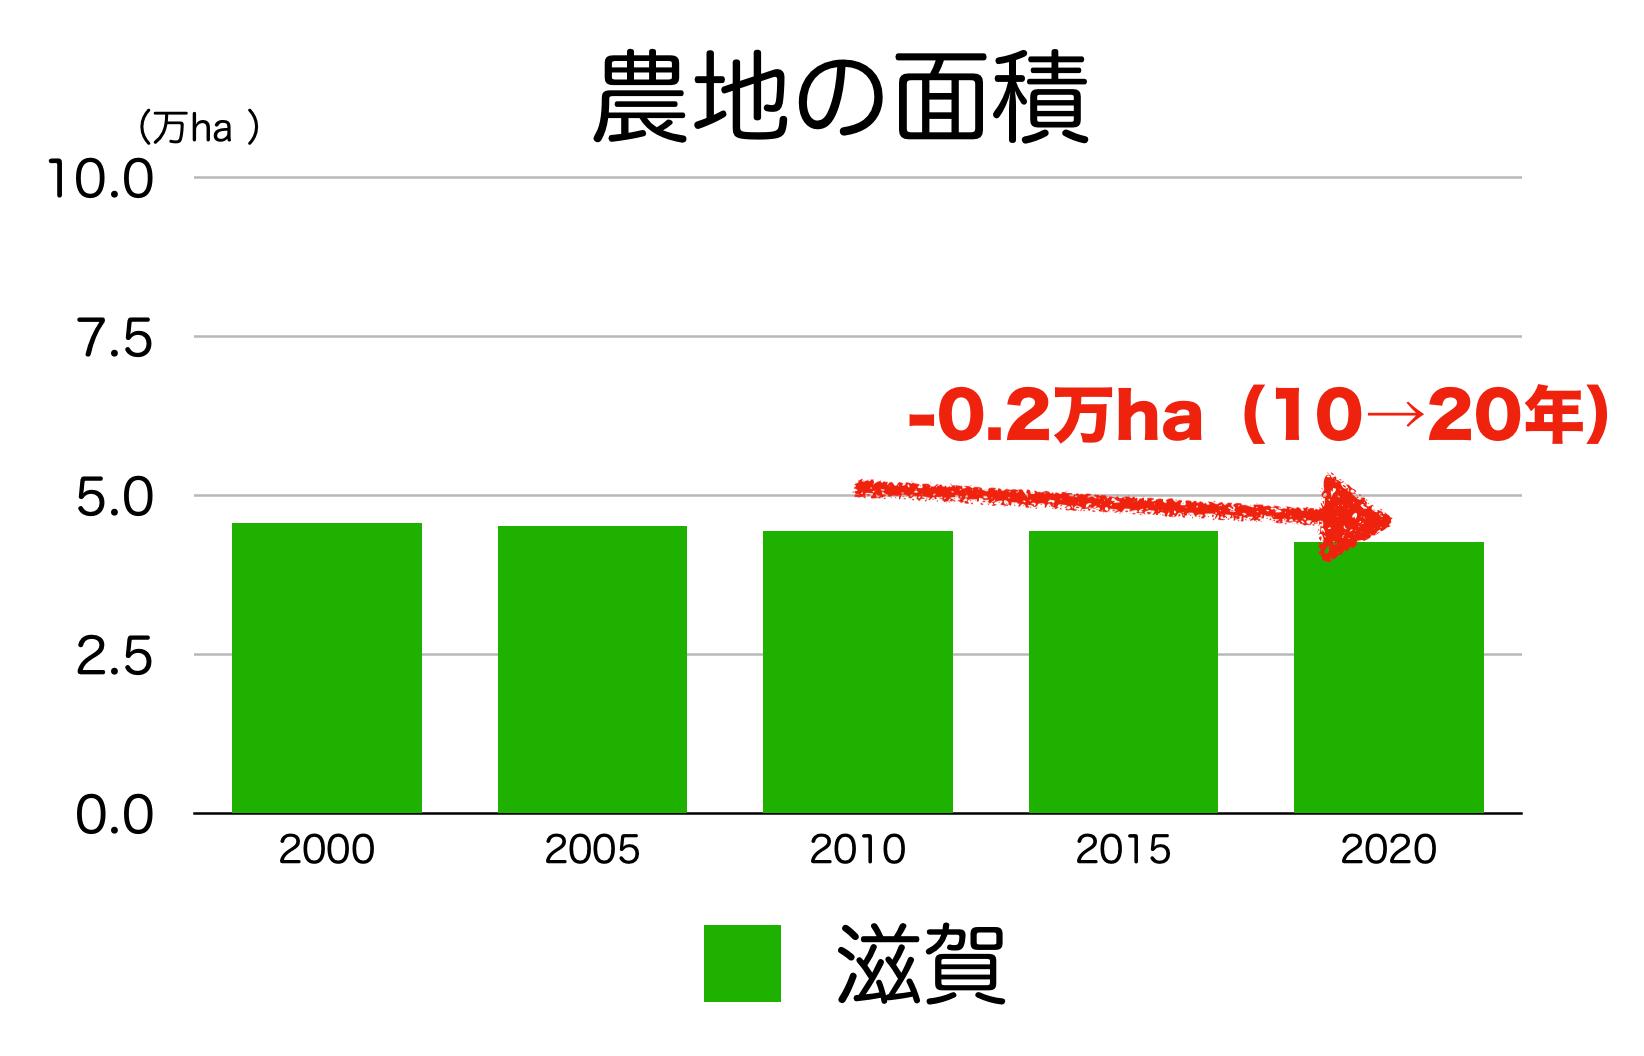 滋賀県の農地面積